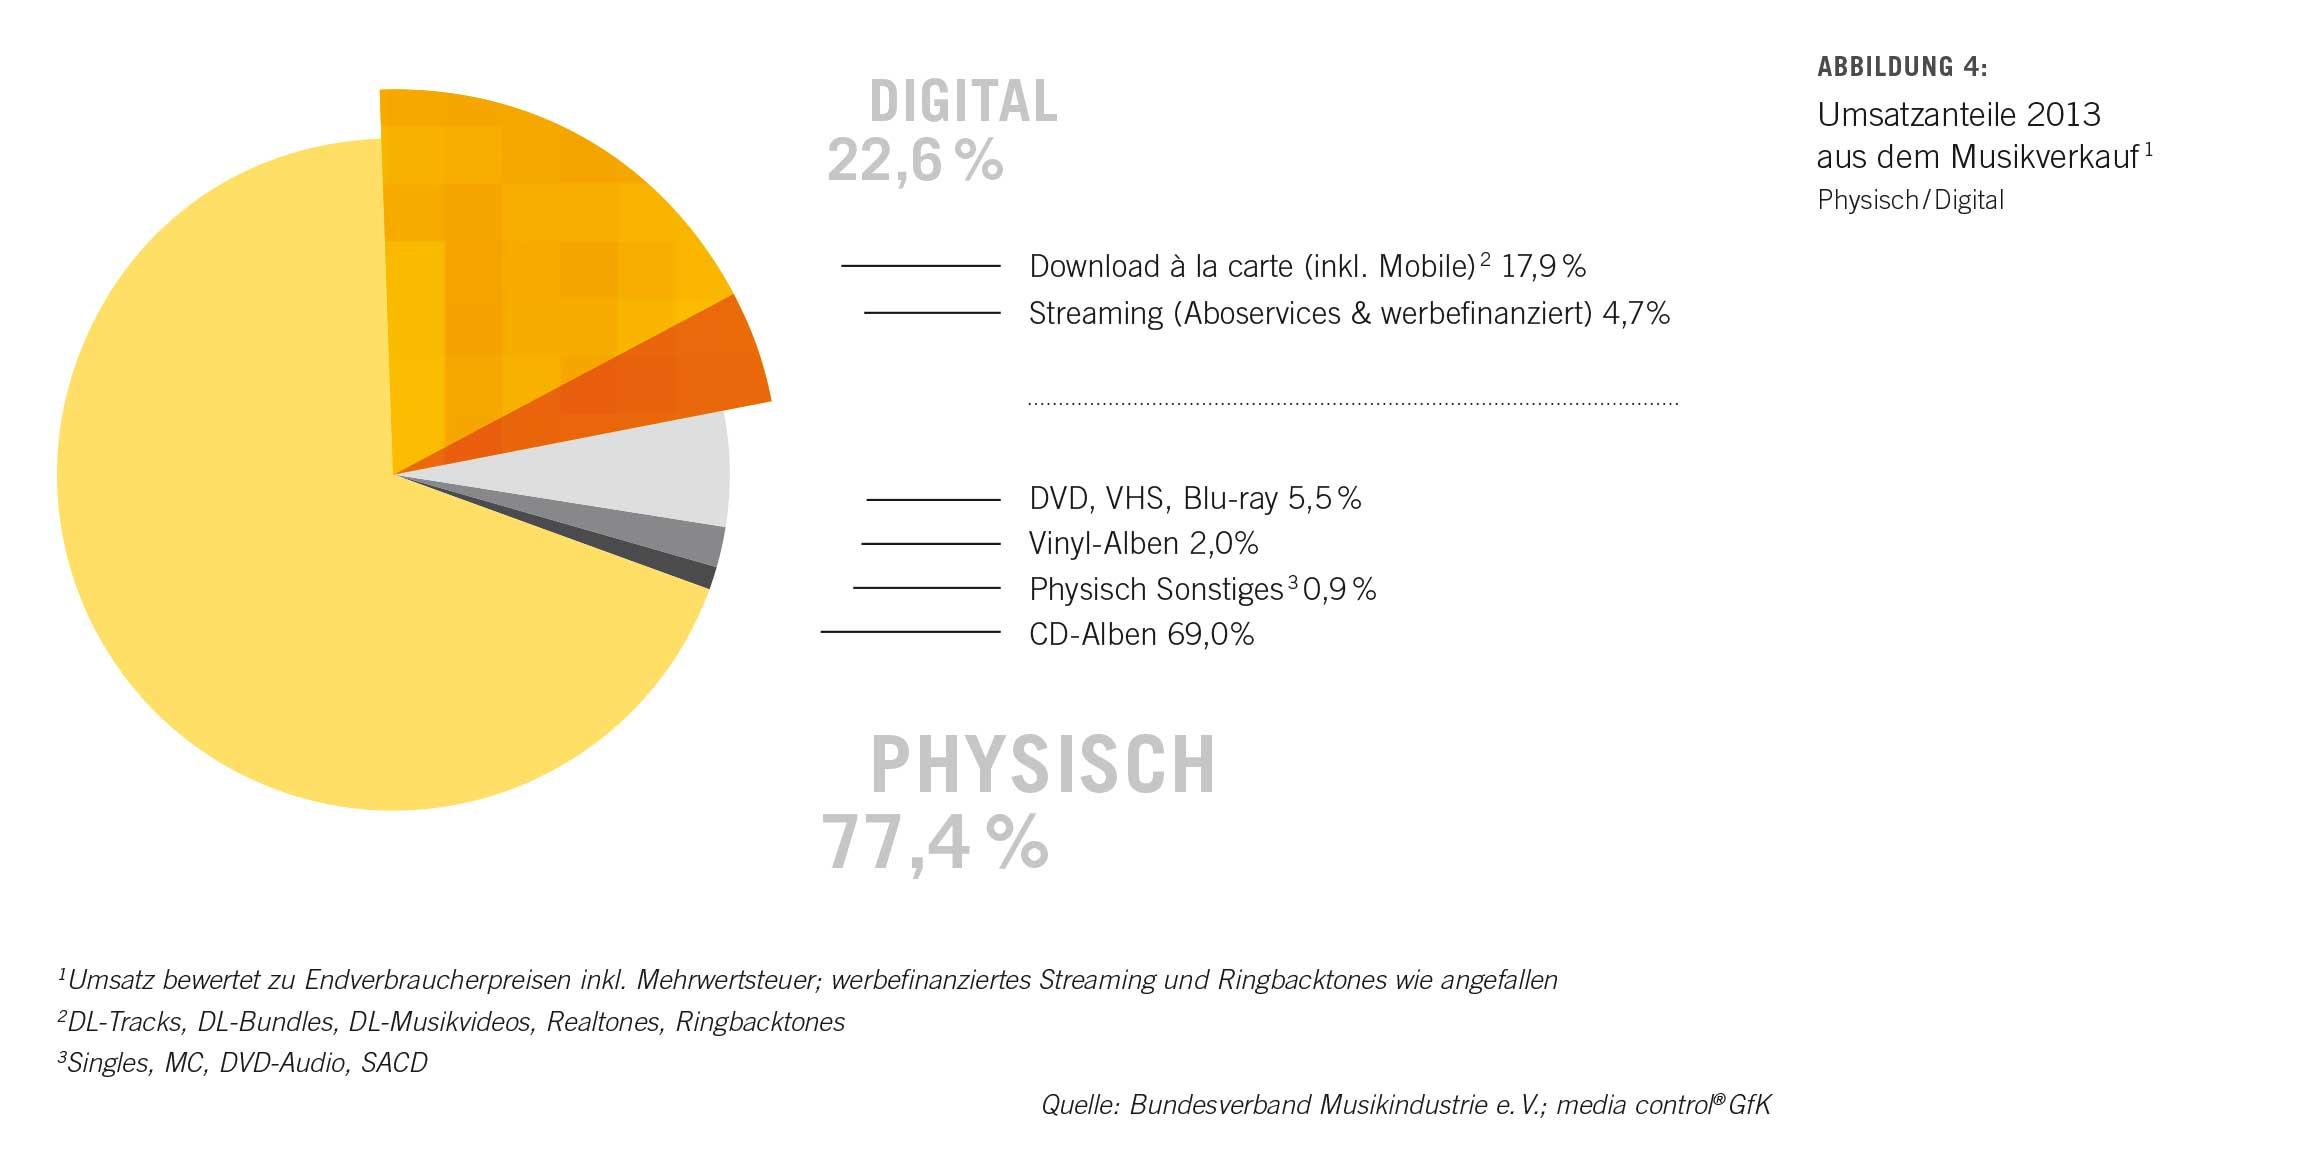 mercado alemania discografico 2013